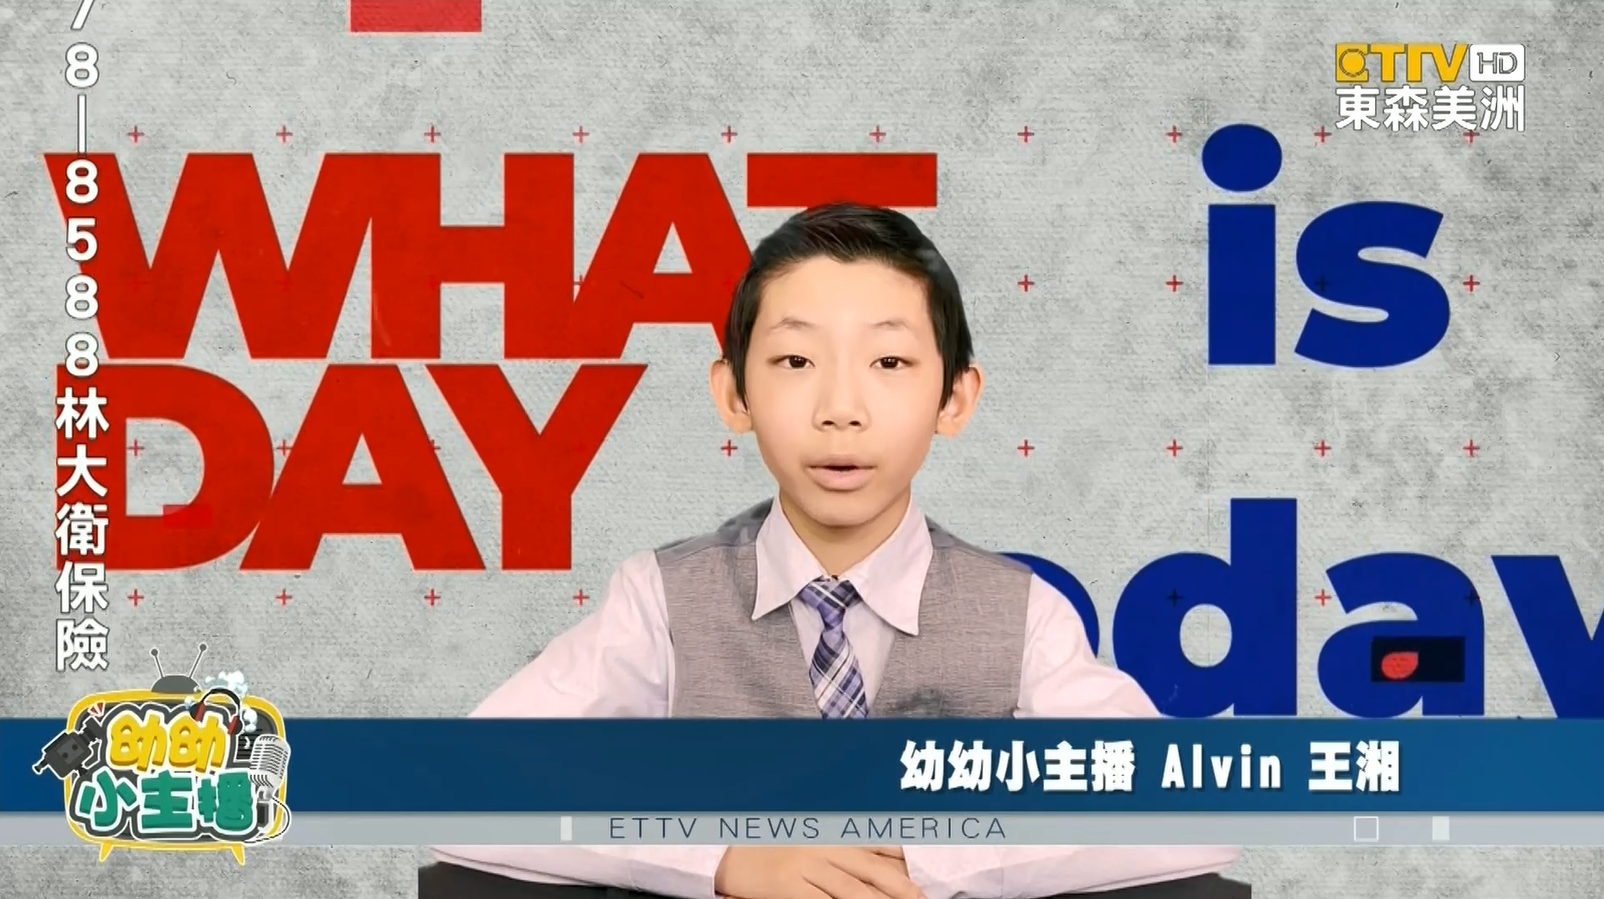 """小主播Alvin:4月1日「愚人節」 64%美國人都會制訂""""整人計畫"""""""